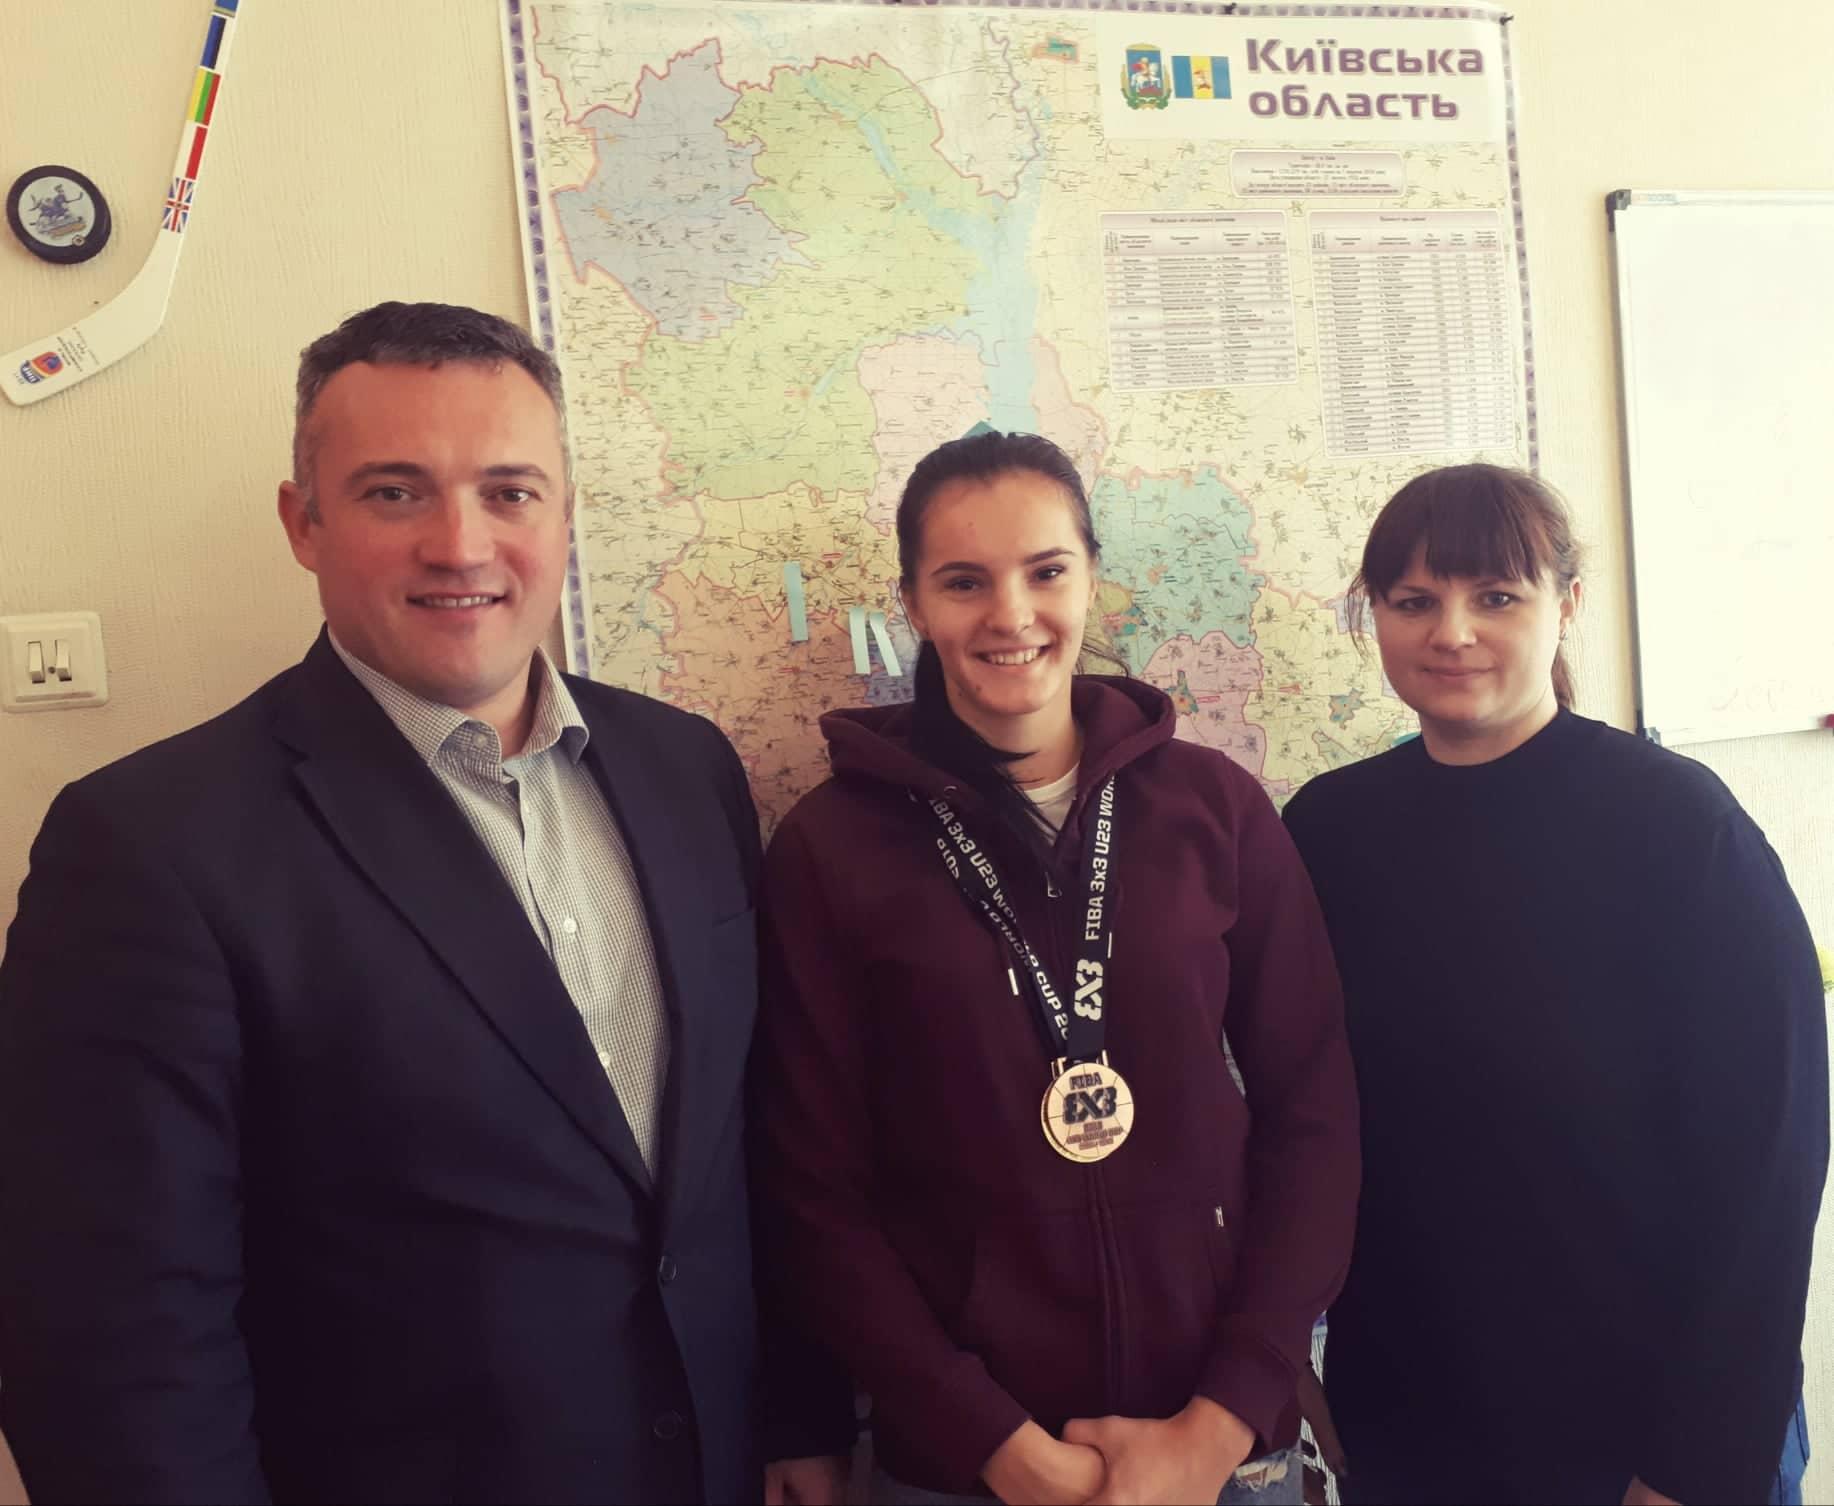 Сергій Тимофєєв зустрівся з Вікторією Кондусь. Фото